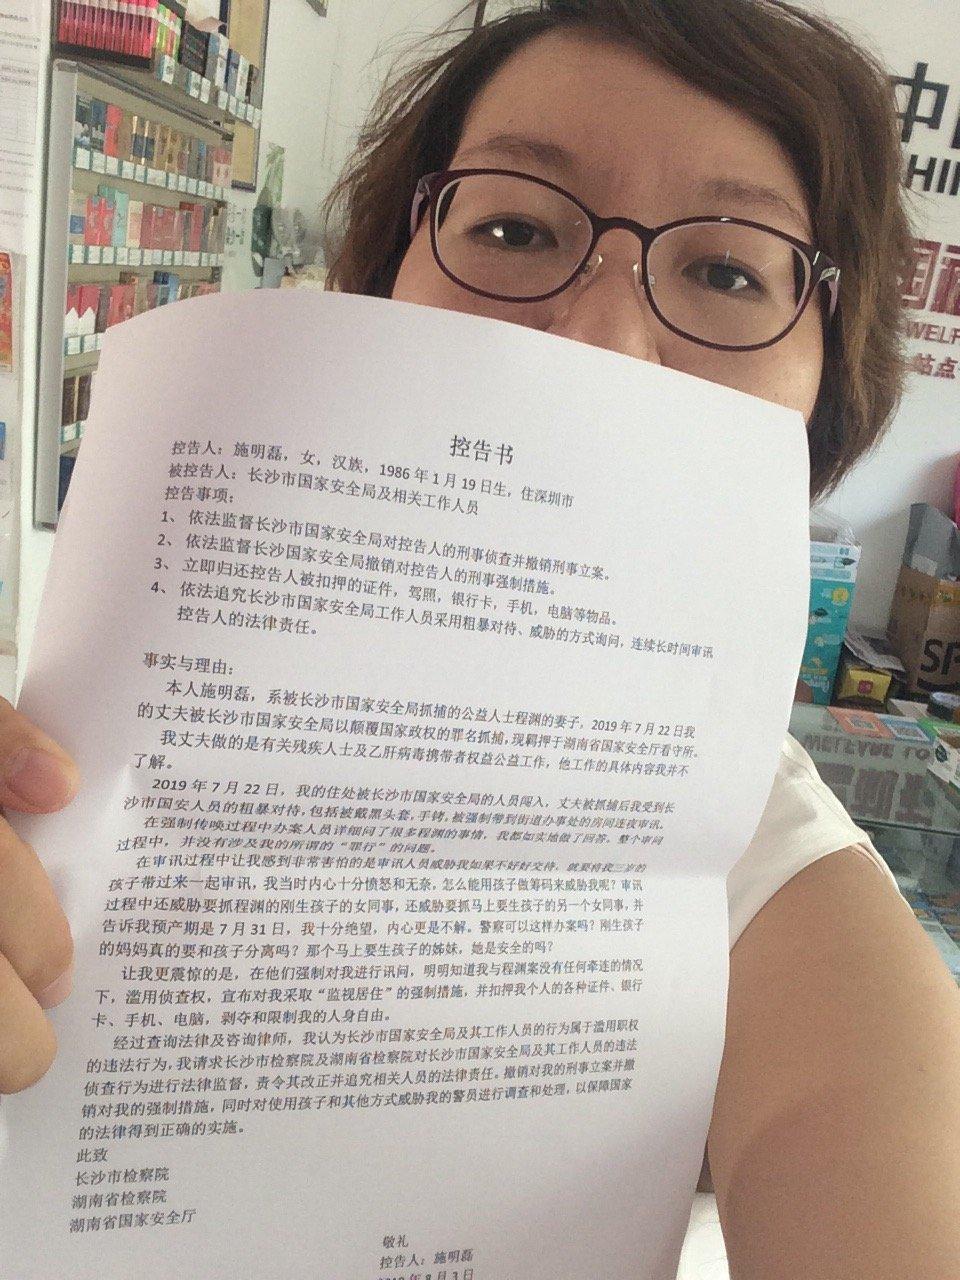 施明磊: 控告书